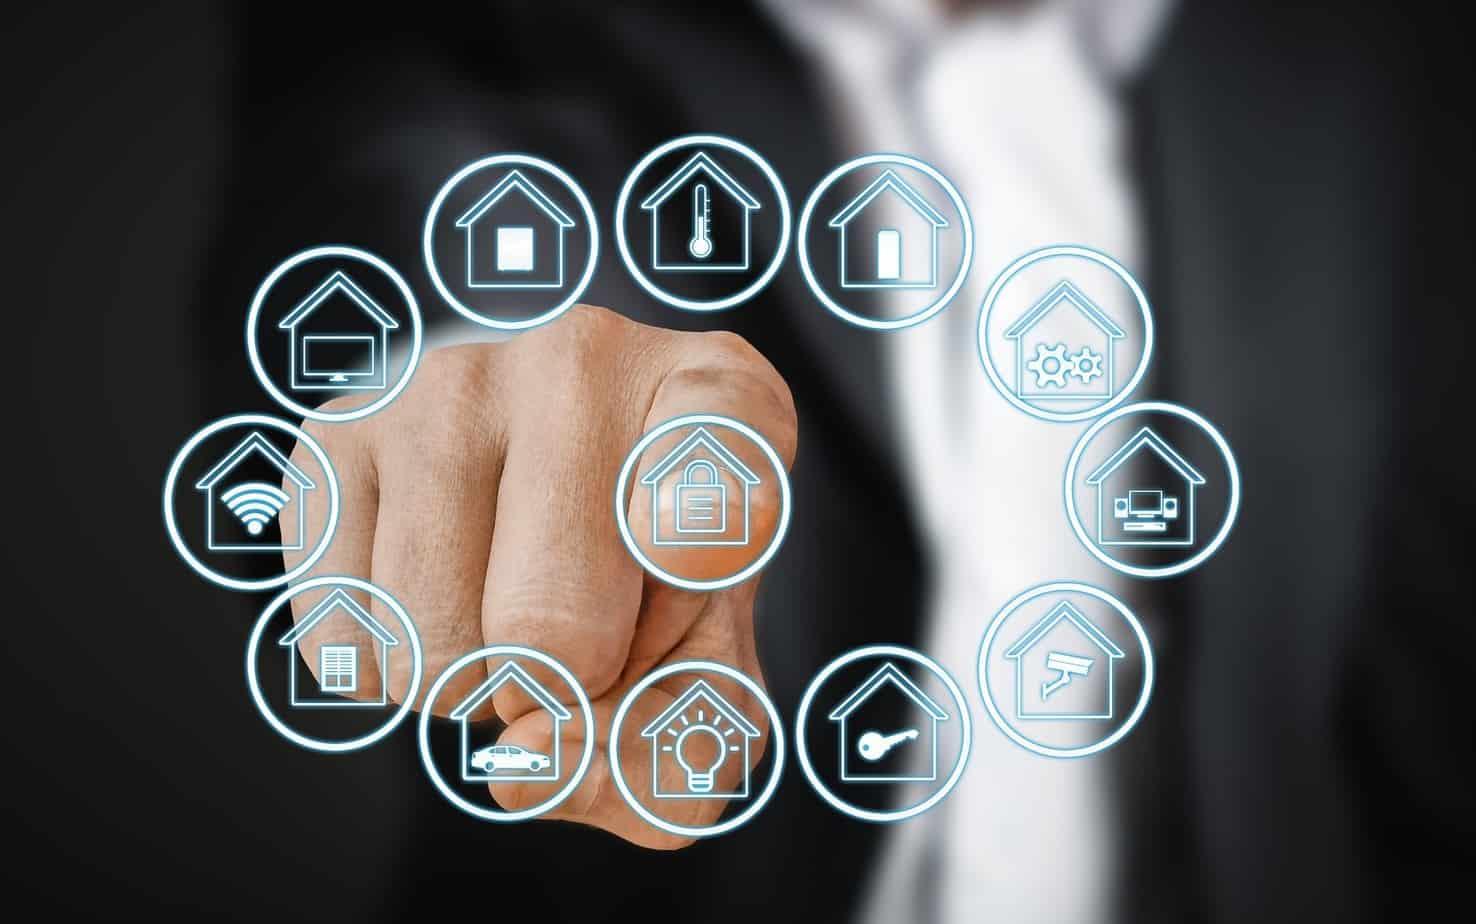 smart-home-doorbell